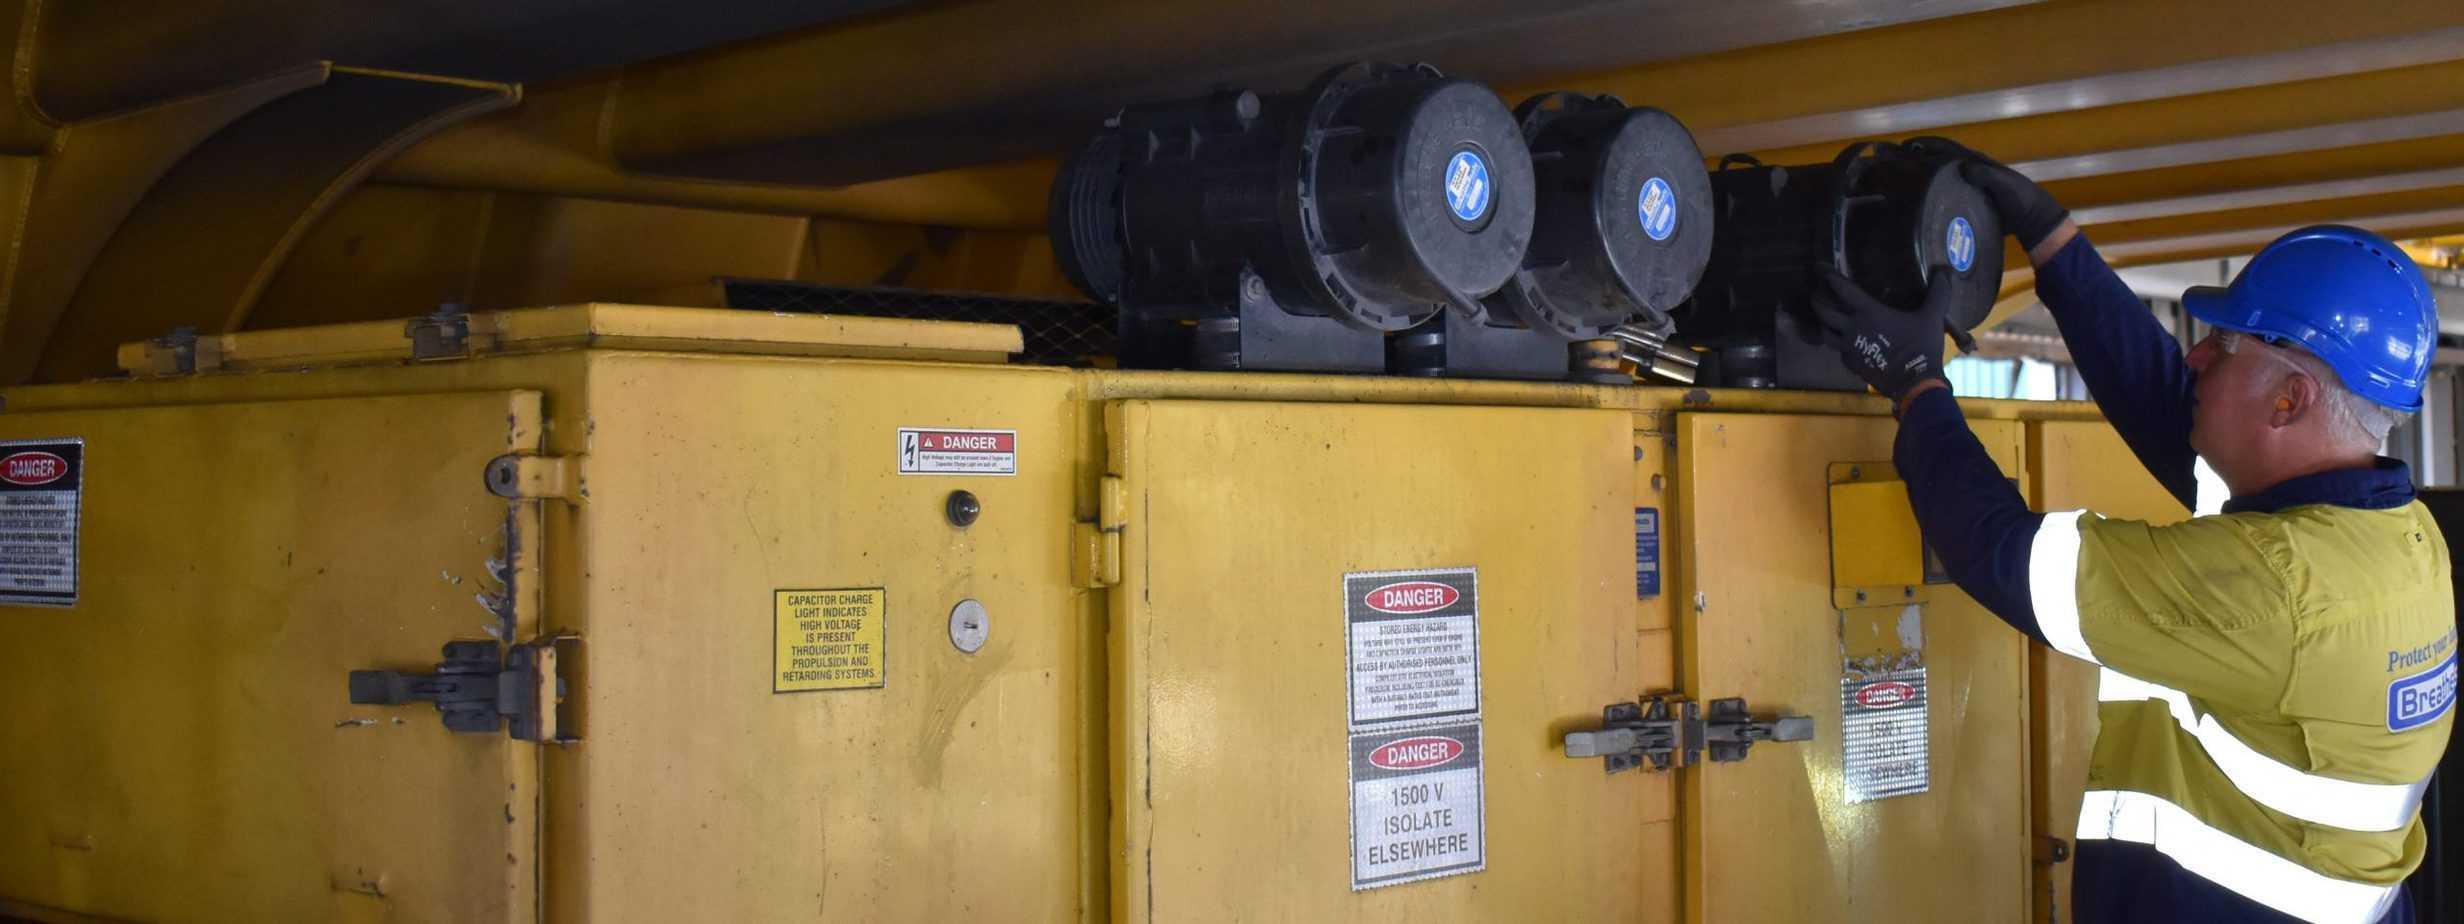 Nick Komatsu 830E EE Electrical Enclosure HV Cabinet Trail Meandu